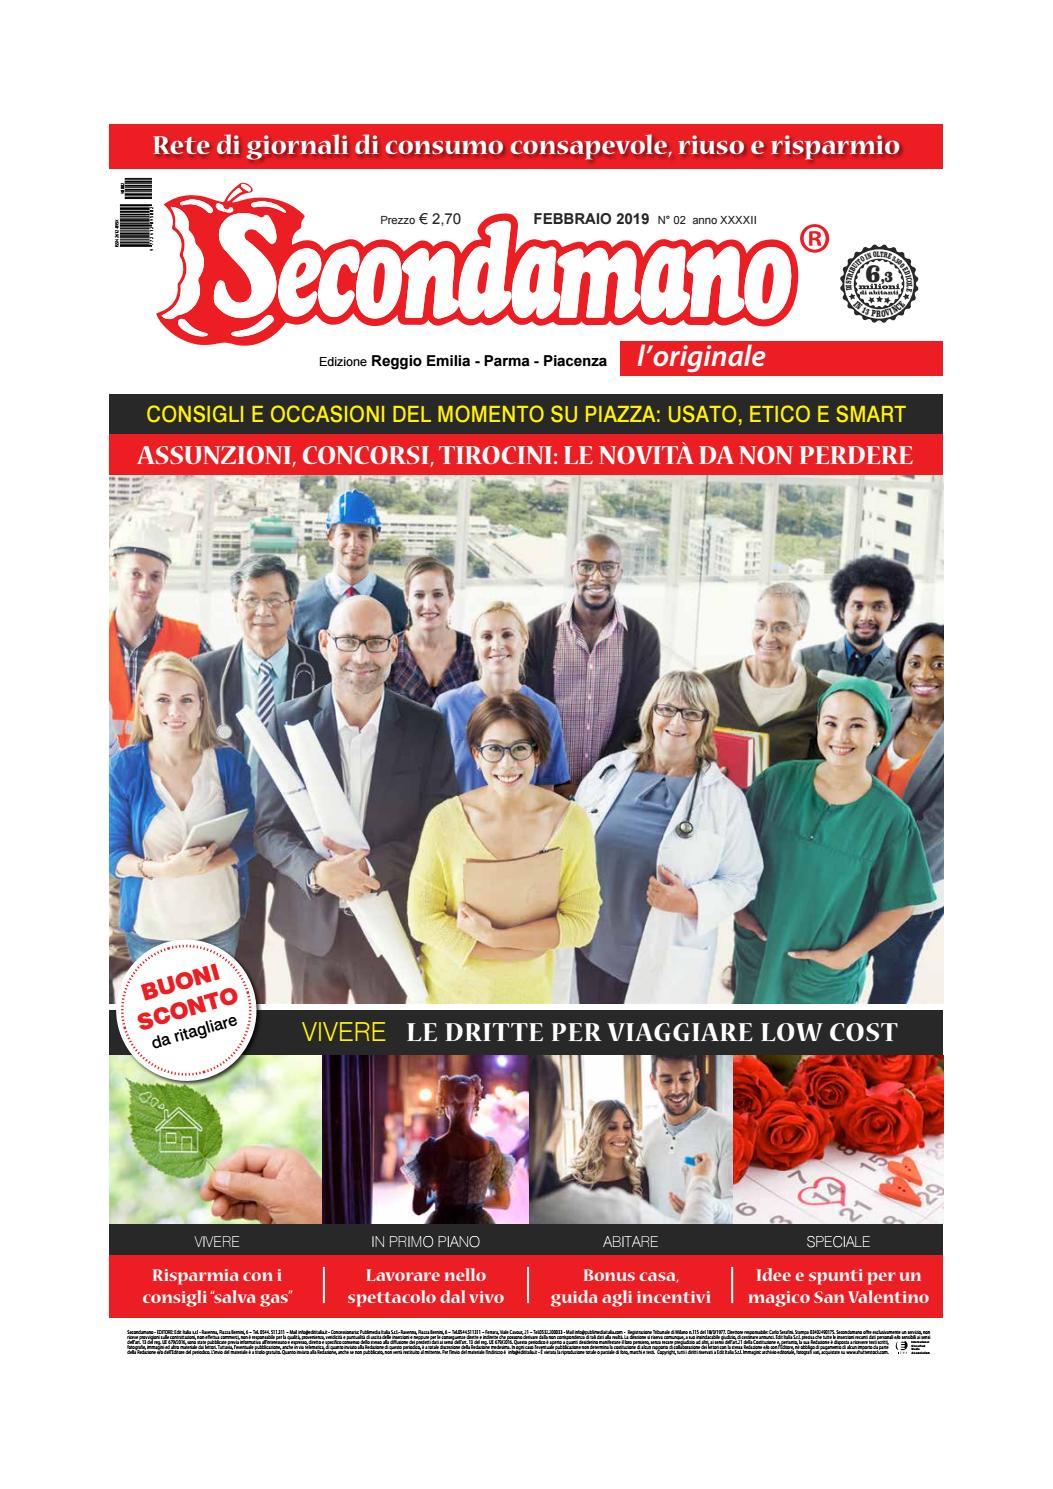 5e4bf00f5222 SECONDAMANO febbraio 2019 by Edit Italia S.r.l. - issuu